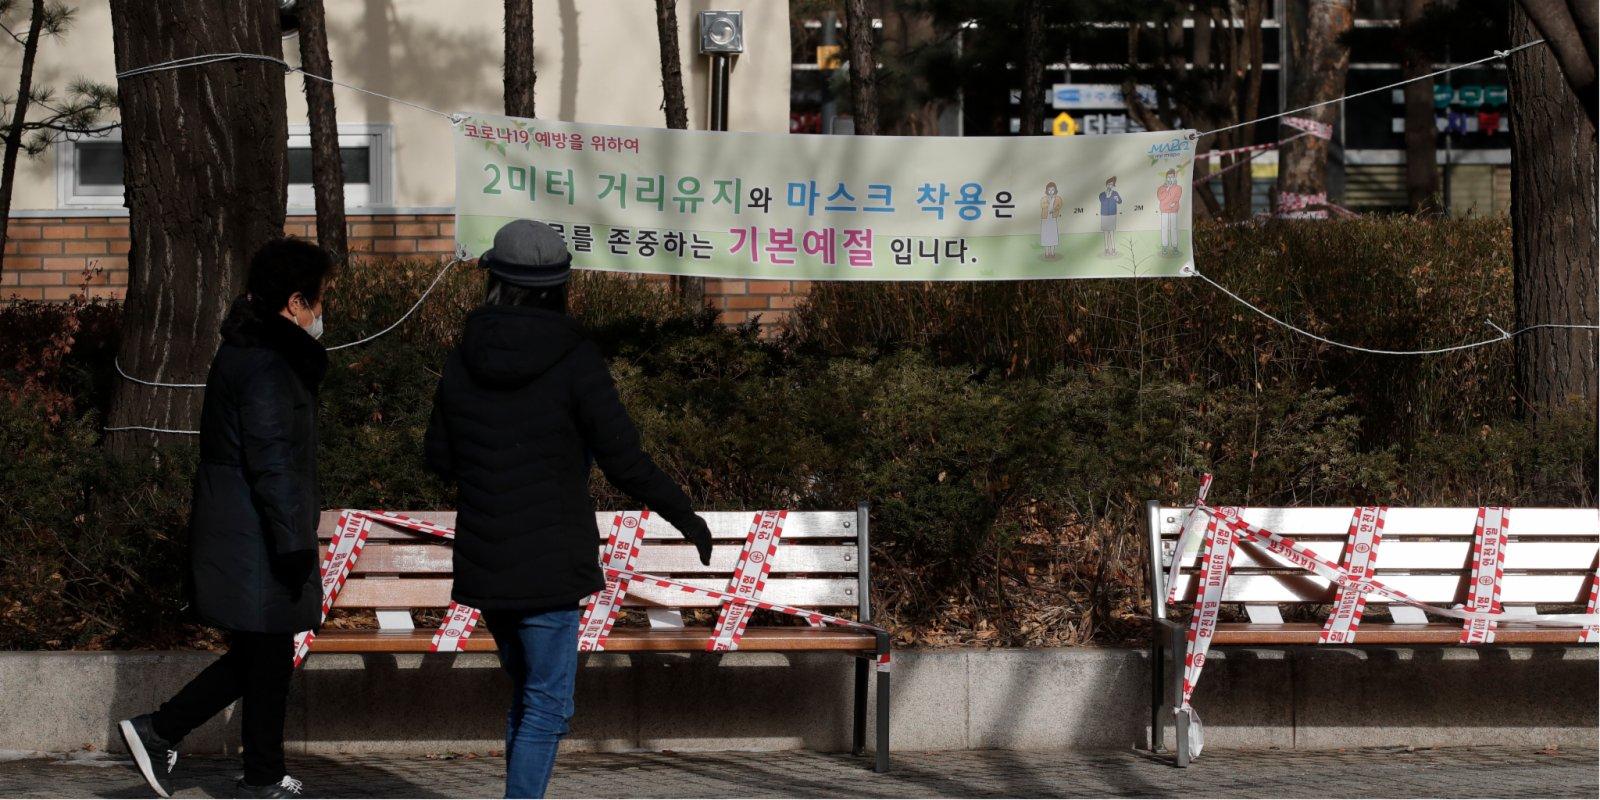 韓國新增386宗確診 連續兩天低於400宗